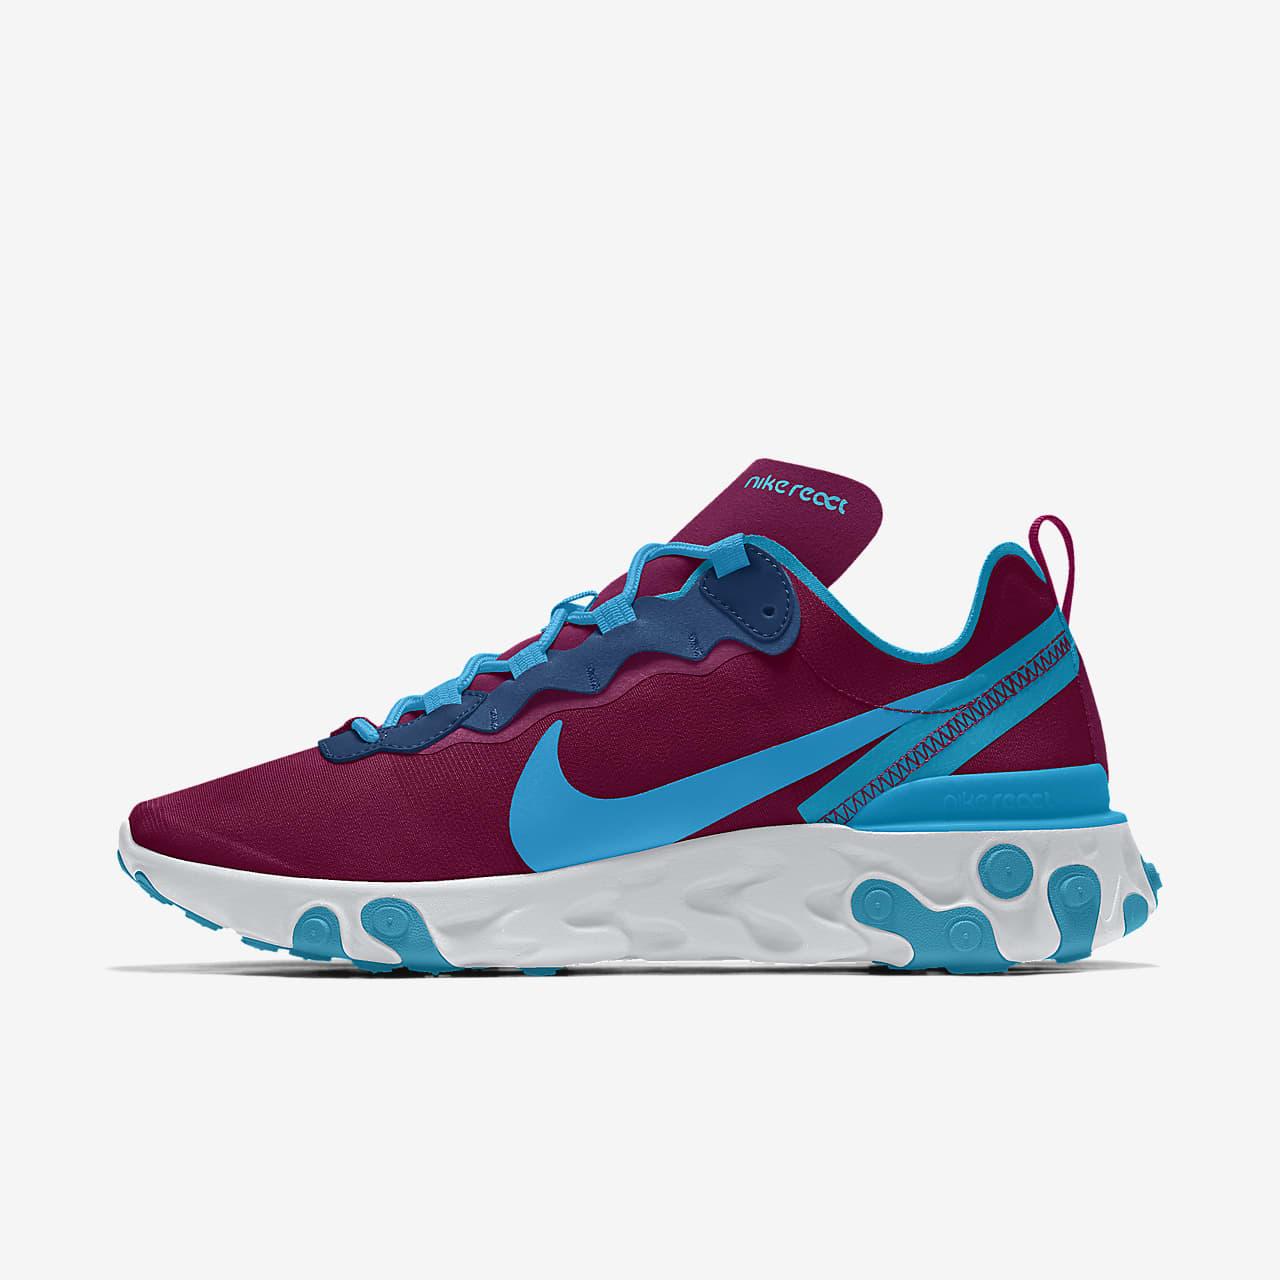 Męskie personalizowane buty lifestylowe Nike React Element 55 By You